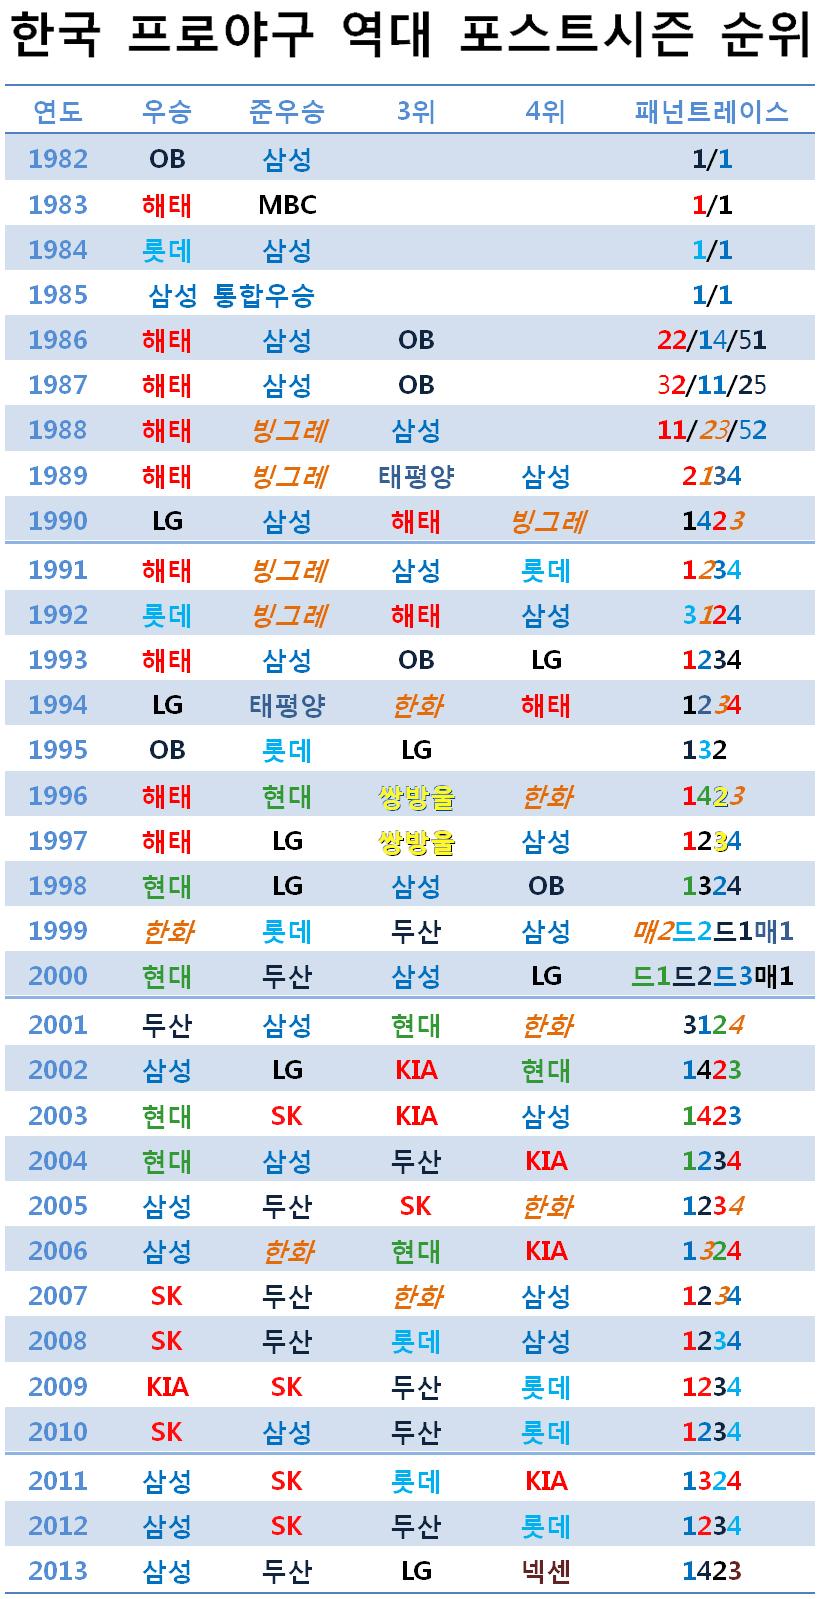 한국프로야구 역대 포스트시즌 순위 (1982~2013)